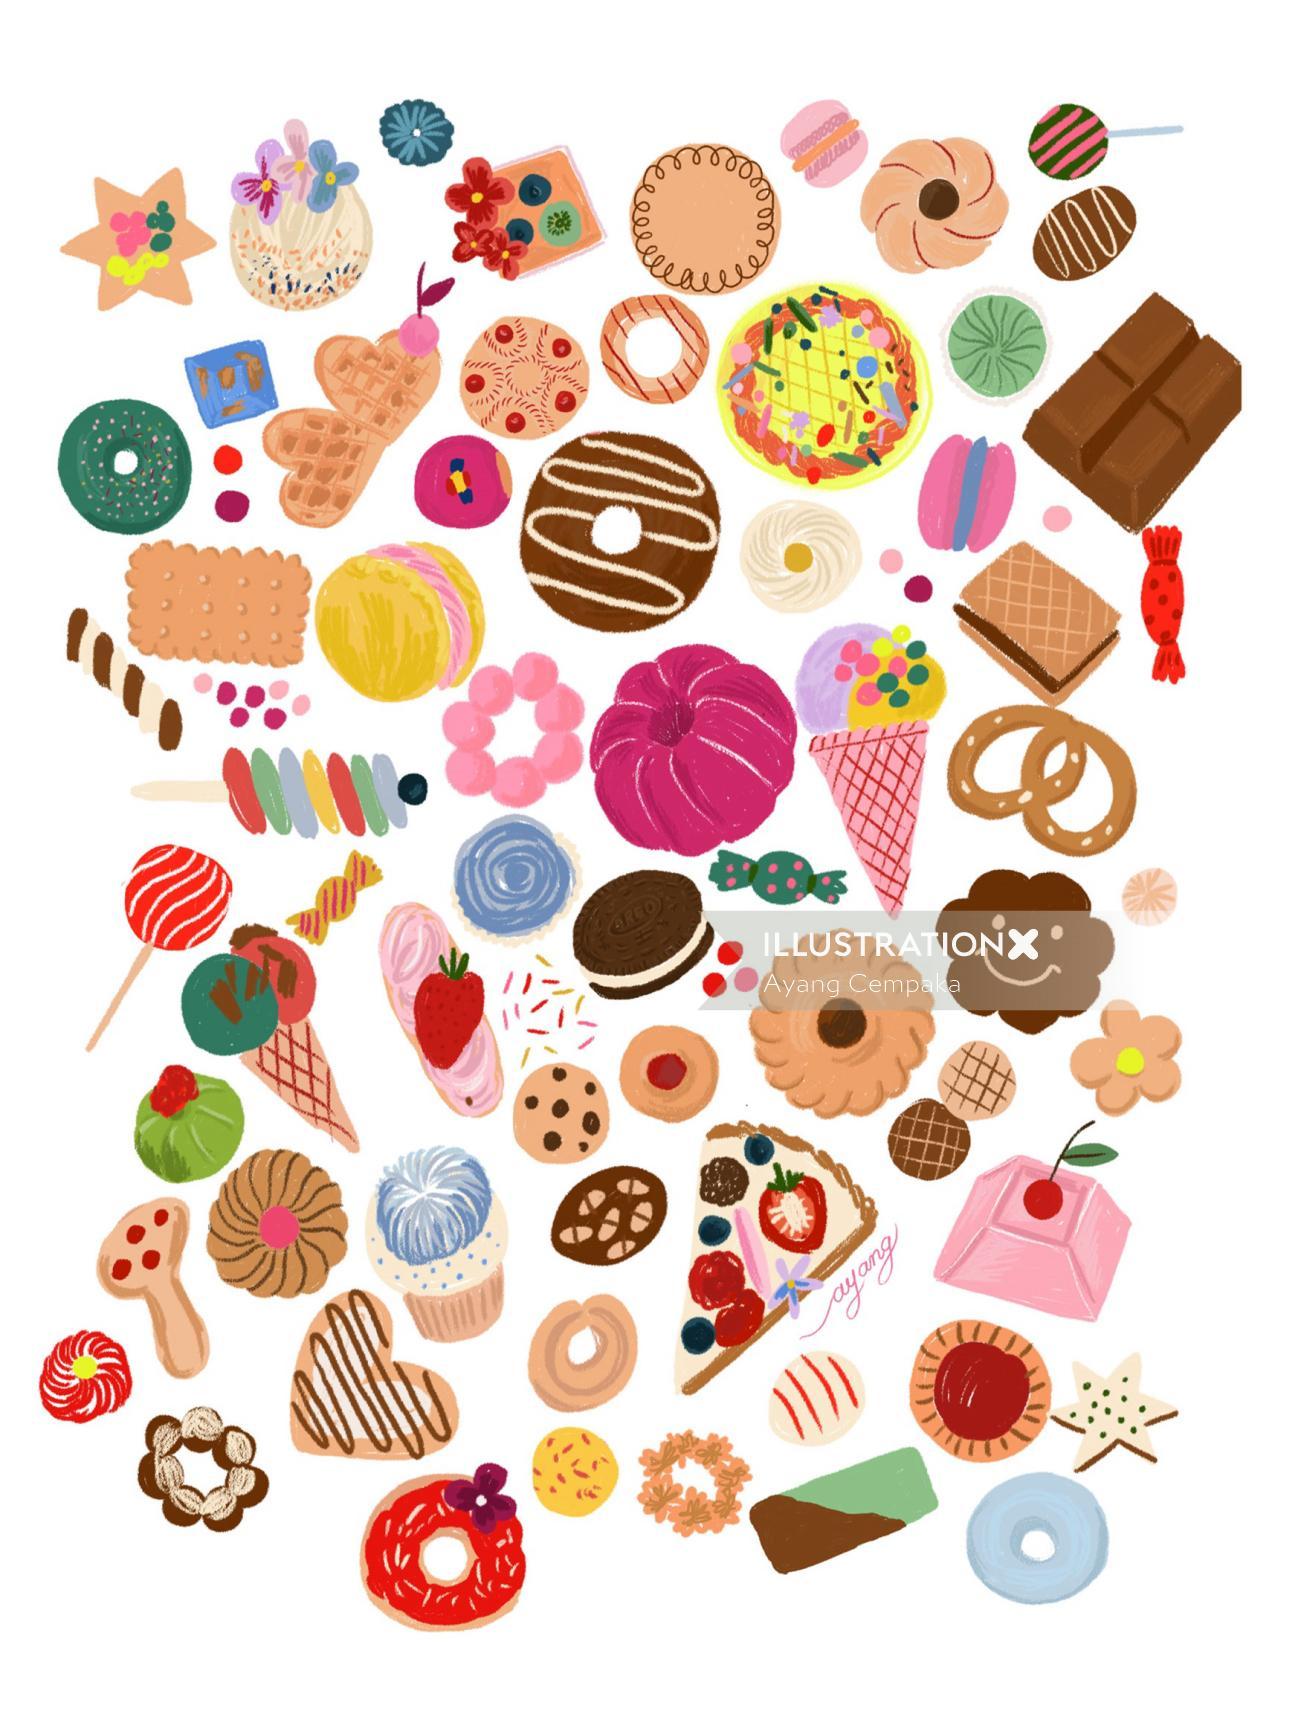 Food & Drink various bakery foods